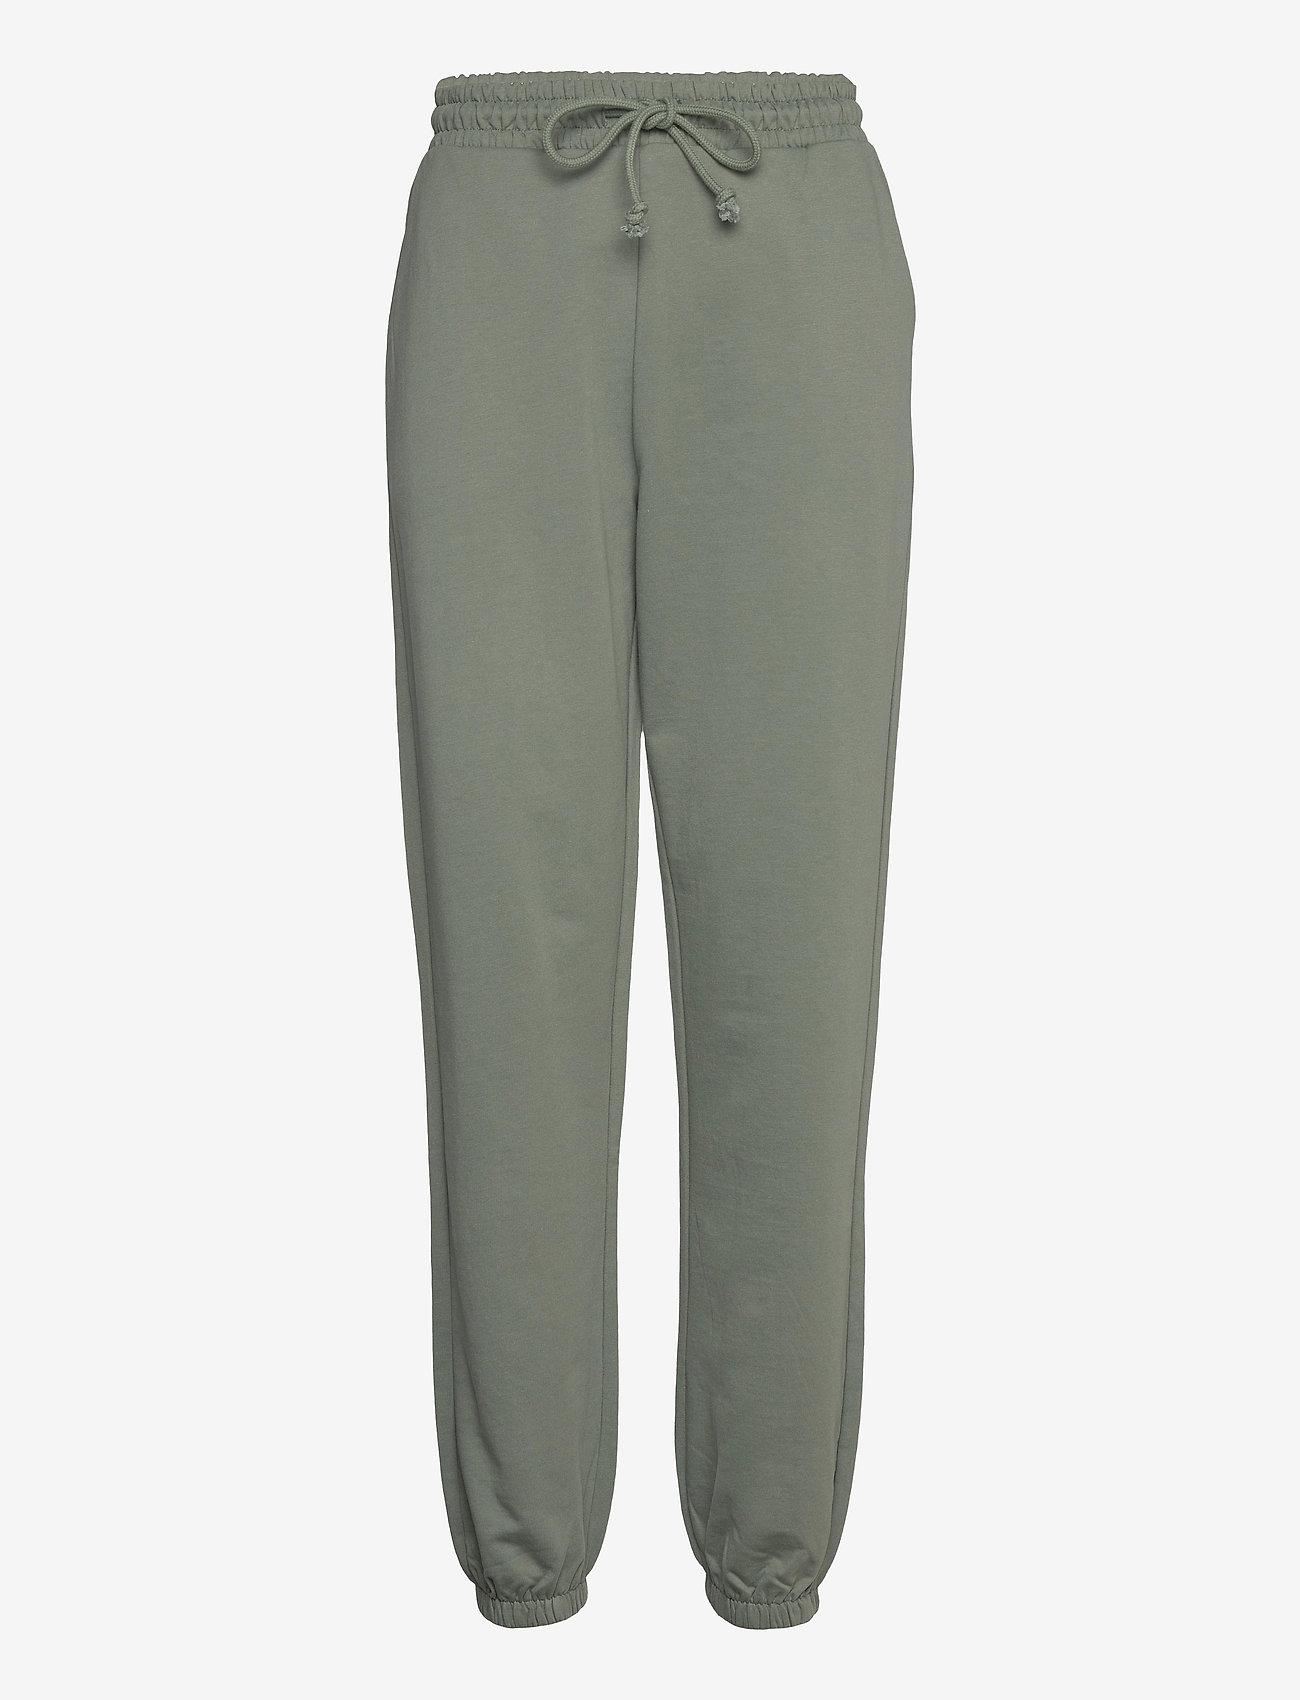 Vero Moda - VMOCTAVIA HW SWEAT PANT GA - kläder - laurel wreath - 0